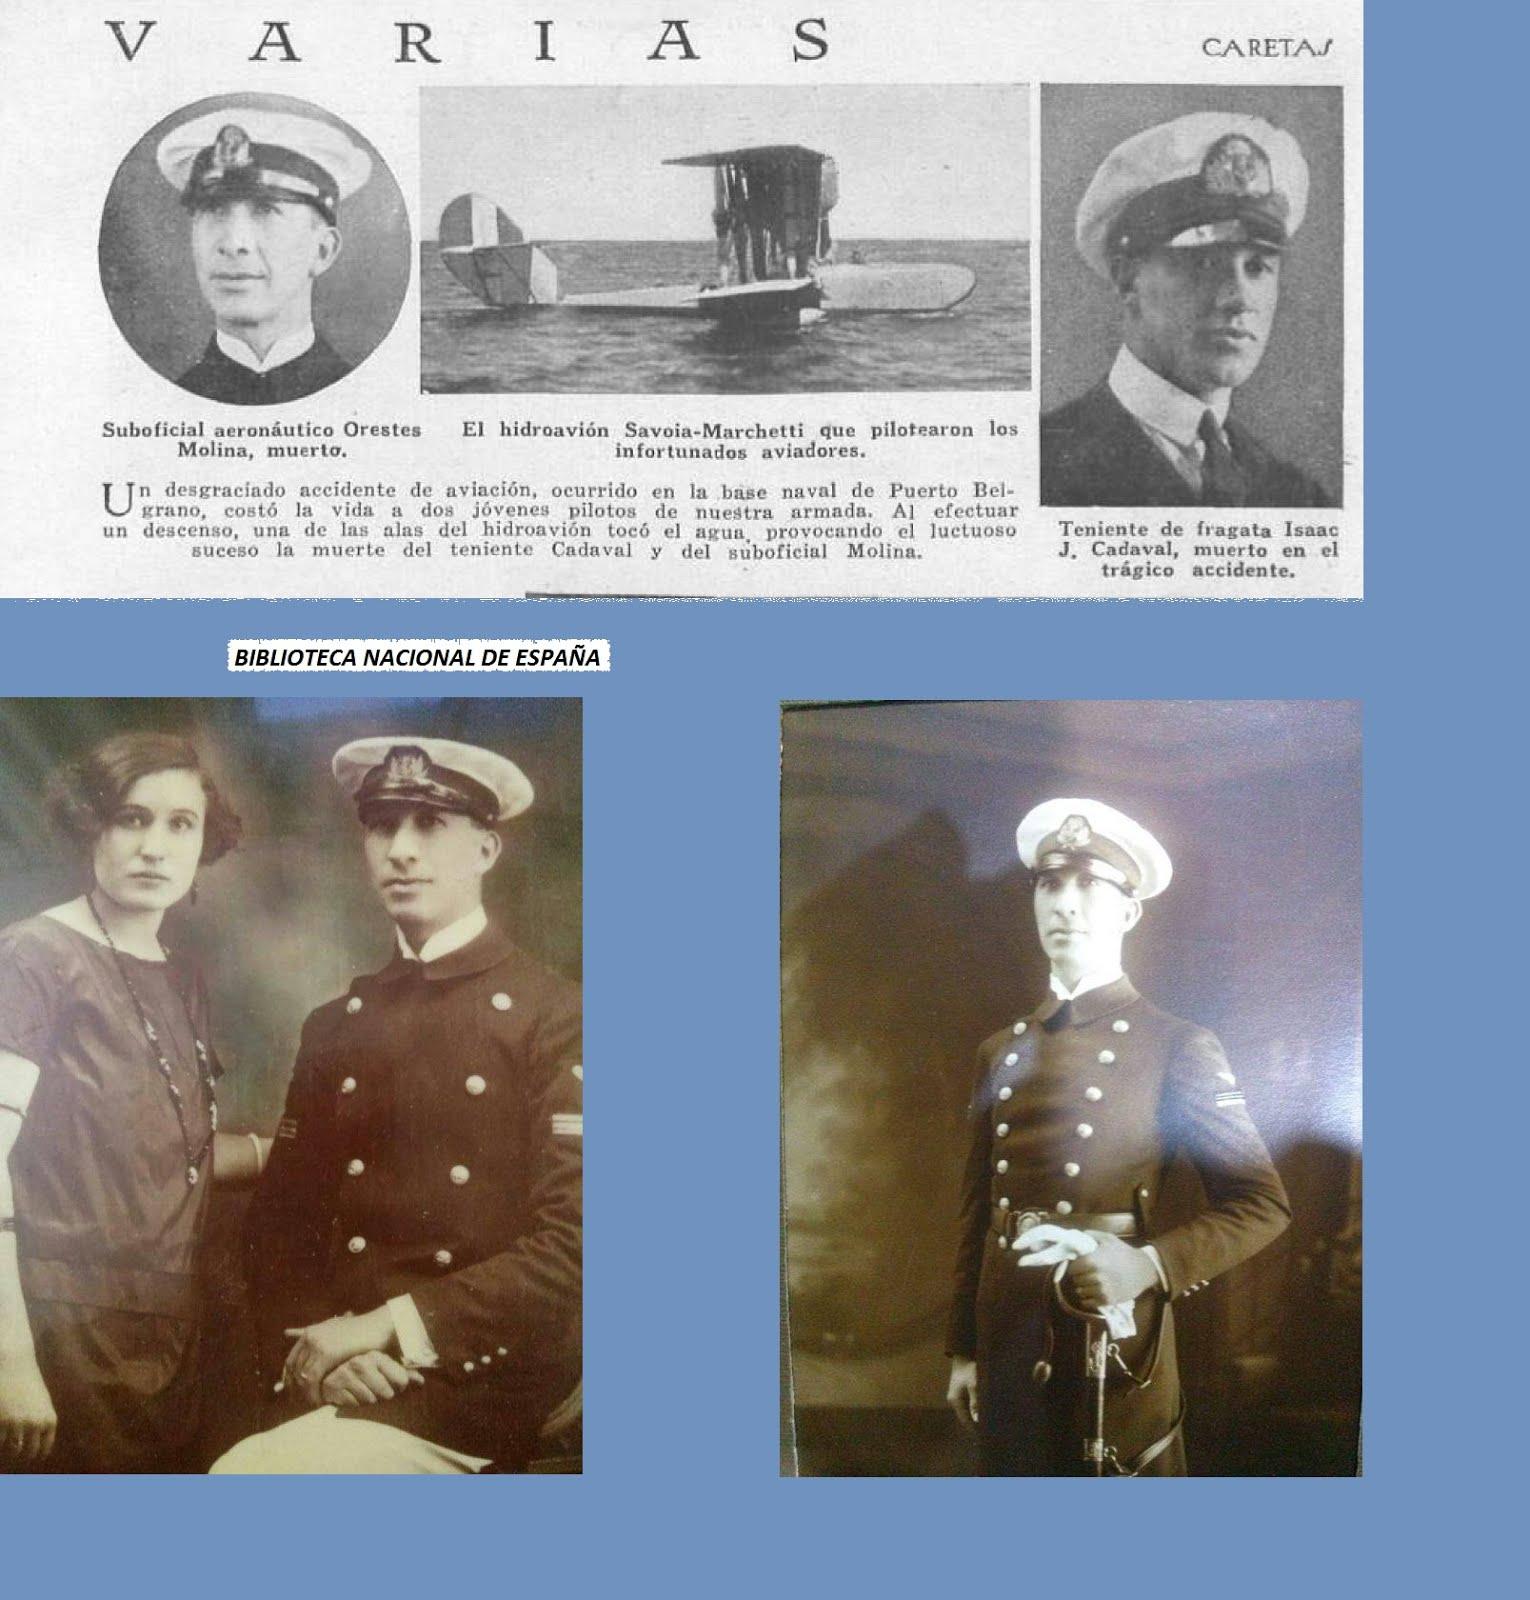 Centenario Aviación Naval Argentina: Heroicos mártires